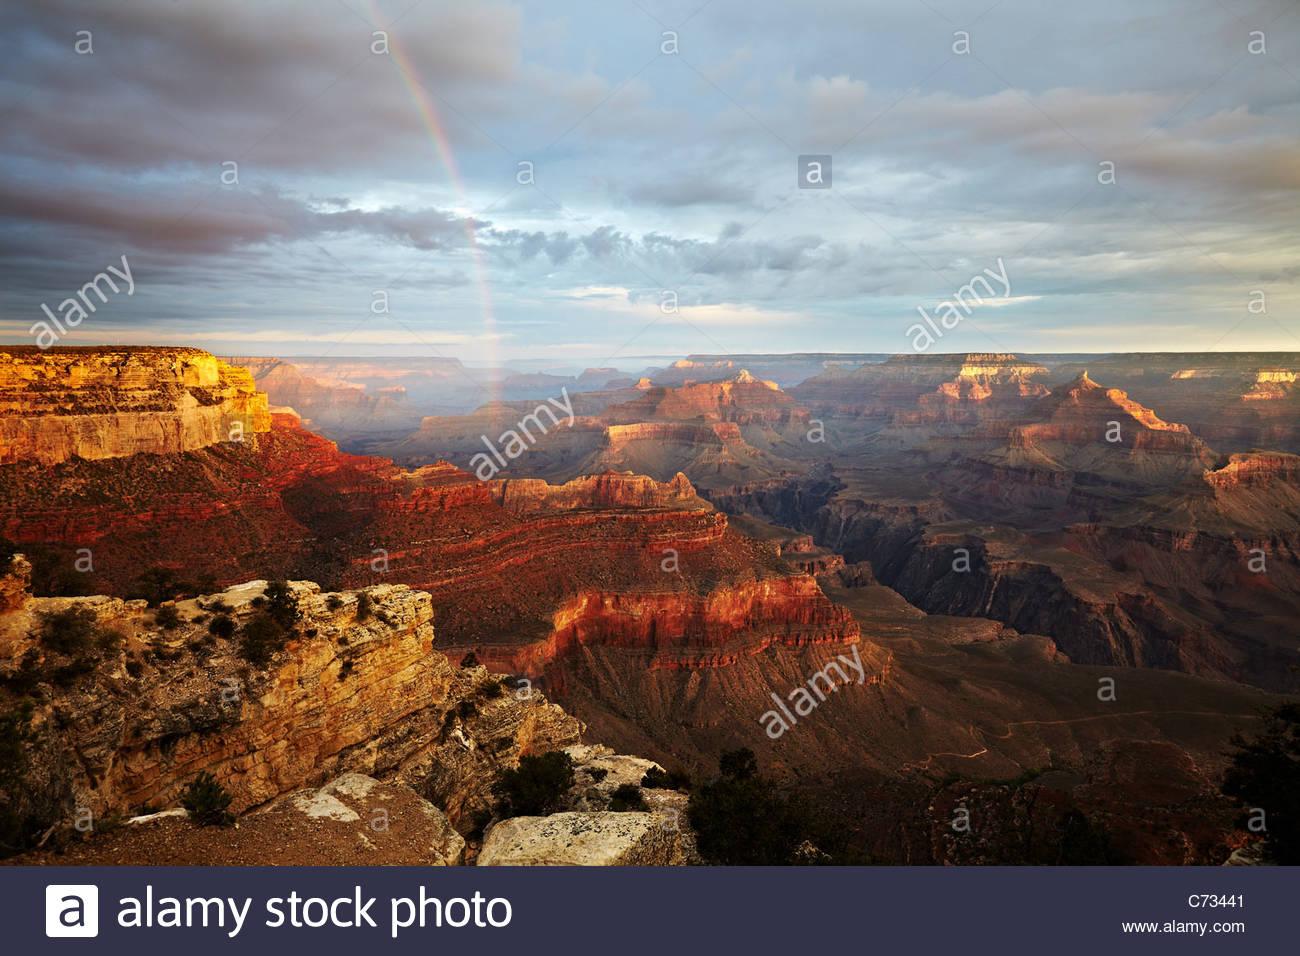 O Sunrise, a luz da manhã e arco-íris em todo o Grand Canyon, Arizona, ESTADOS UNIDOS DA AMÉRICA Imagens de Stock